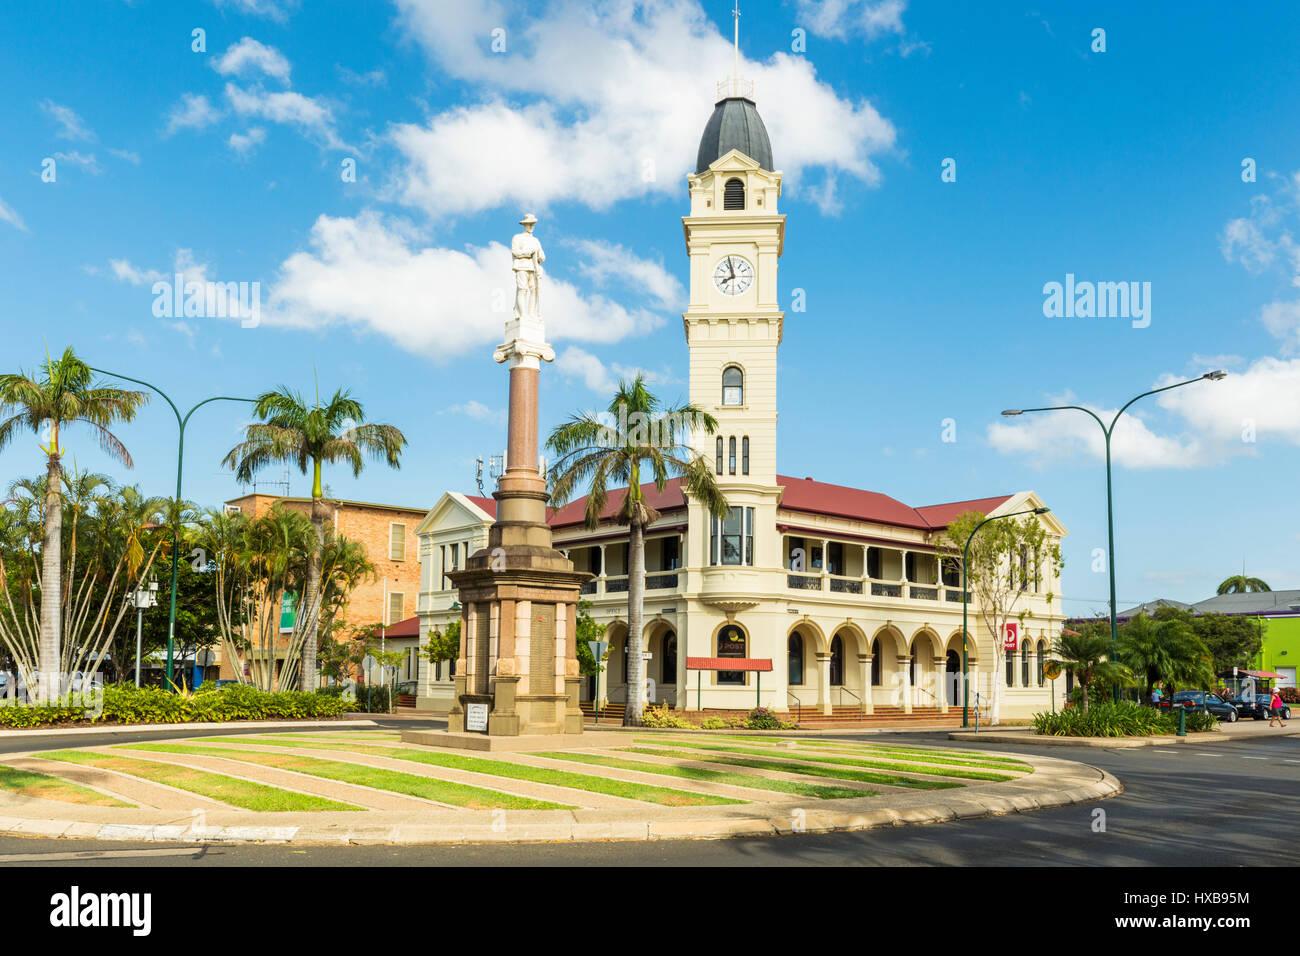 Le bureau de poste de Bundaberg et tour de l'horloge, avec le cénotaphe Monument commémoratif de guerre Photo Stock